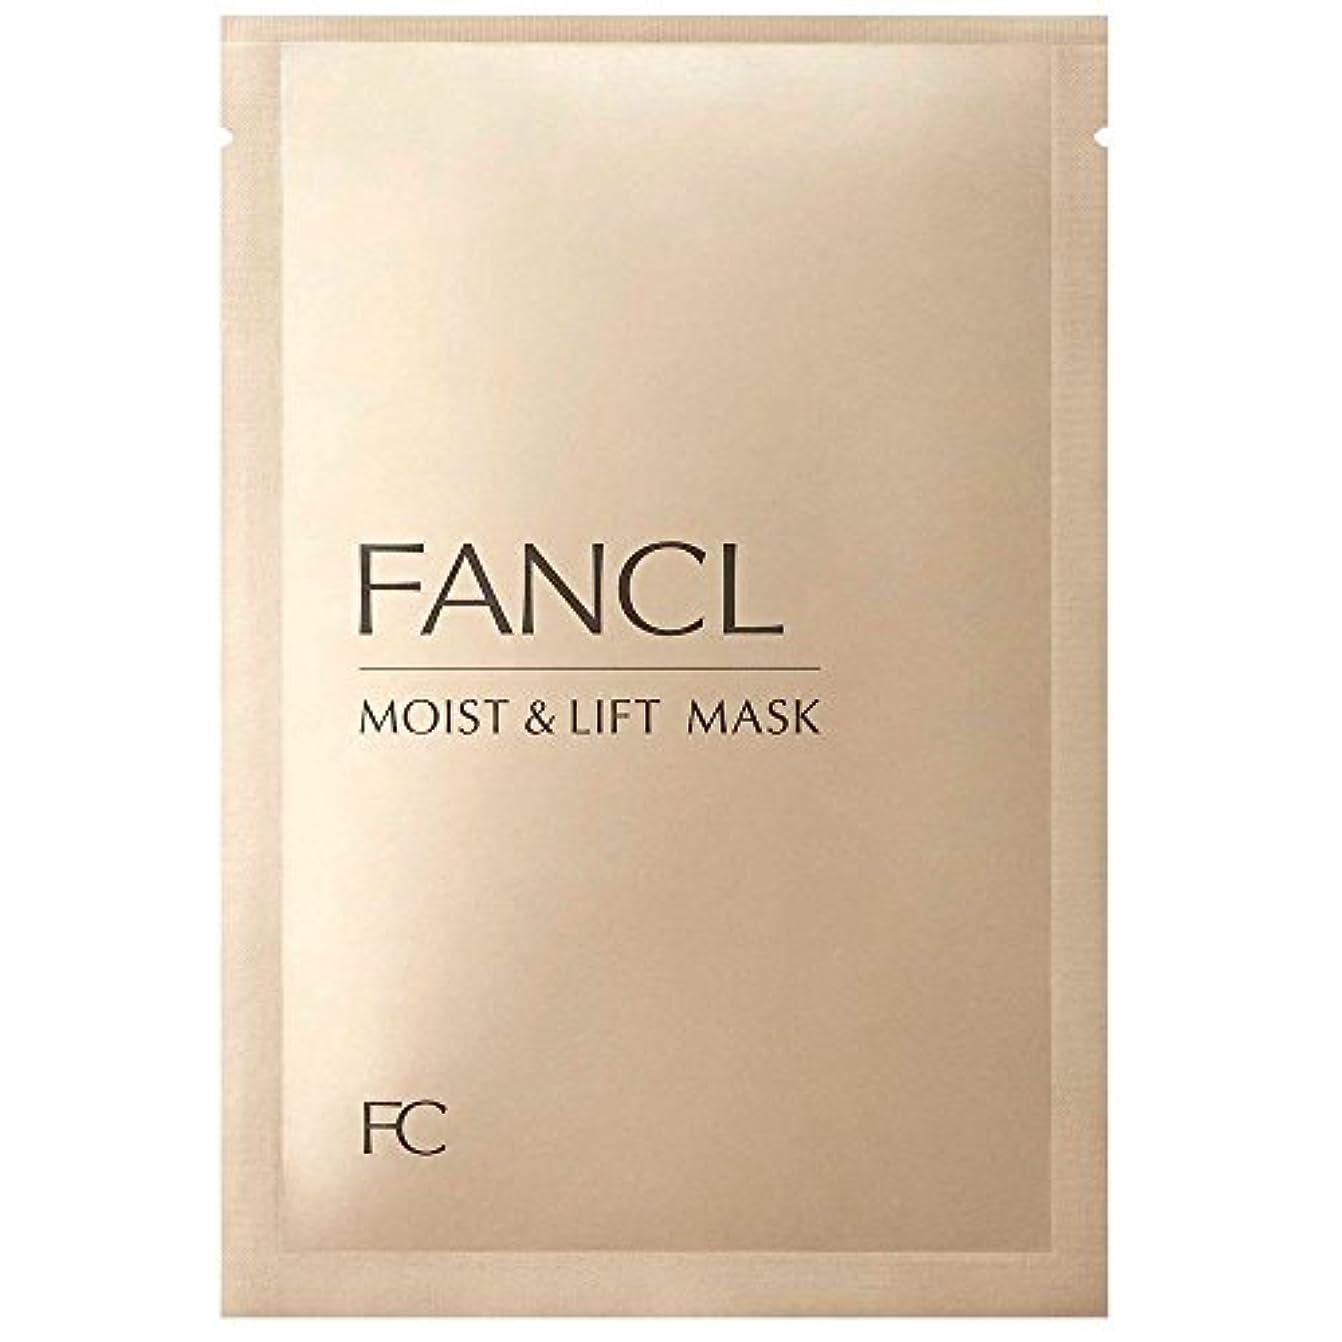 周り傘かなりのファンケル(FANCL) モイスト&リフトマスク(M&L マスク)28mL×6枚